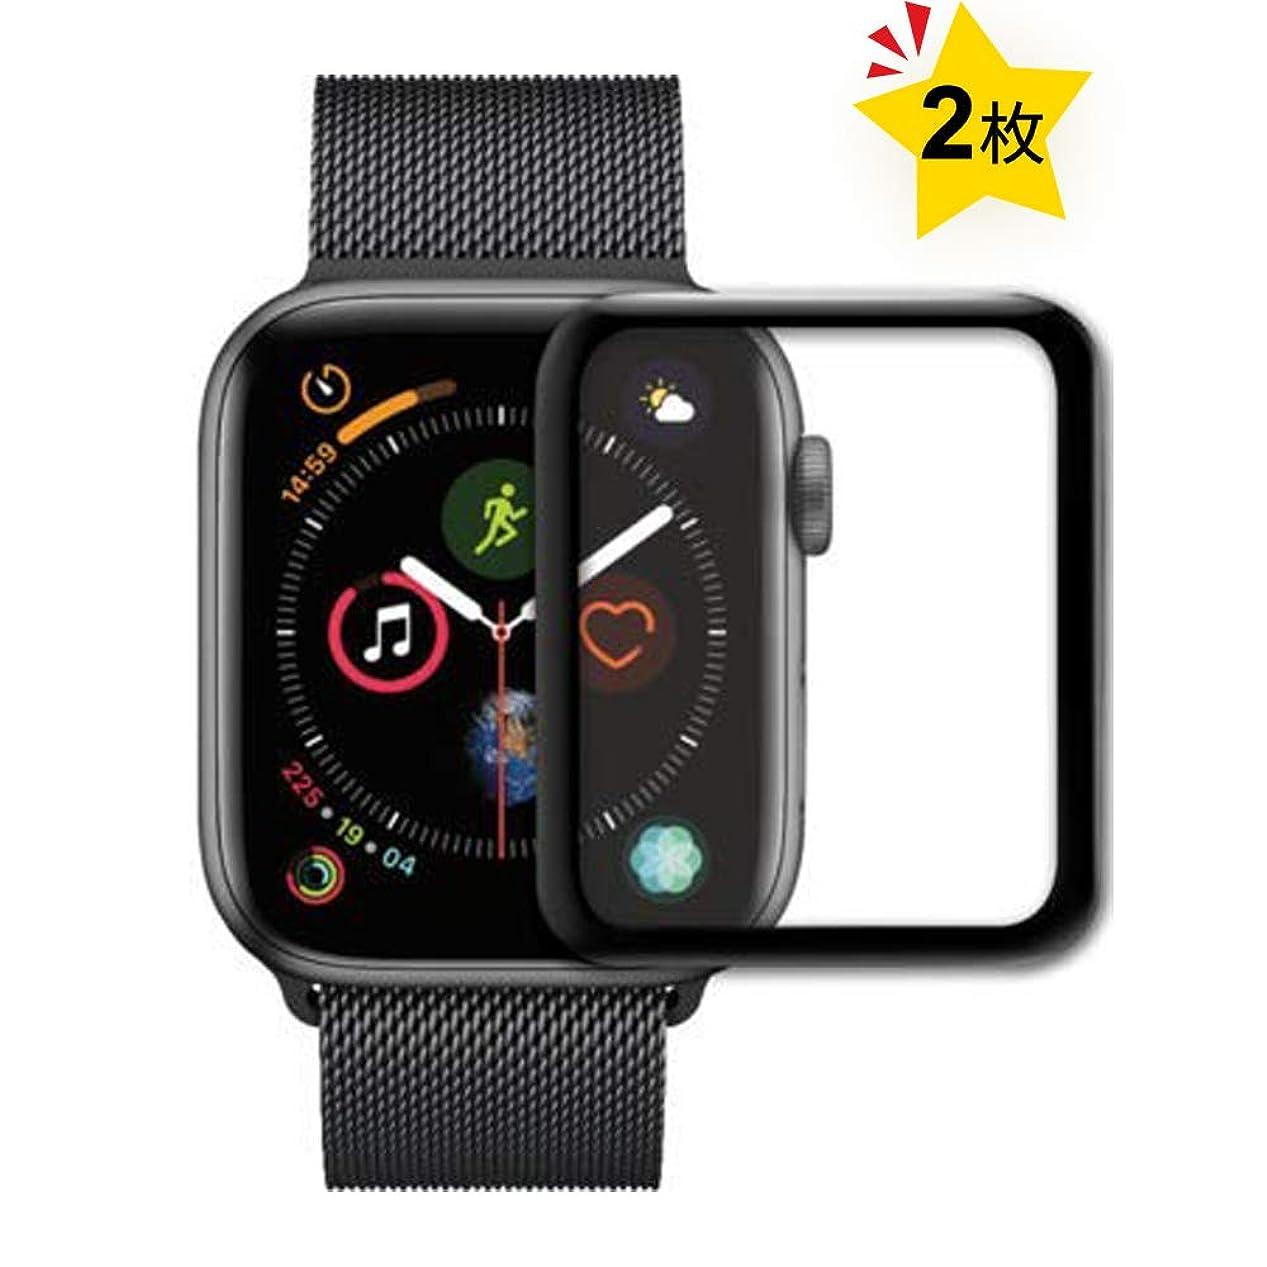 離婚フィクション素子【2枚セット】Apple Watch 44mm フィルム Apple Watch Series 4 ガラスフィルム 【日本製素材旭硝子 】[3D全面保護 弧状のエッジ加工 HD画面対応 気泡防止 高透過率 貼り付け簡単] 強化ガラス (ブラック)